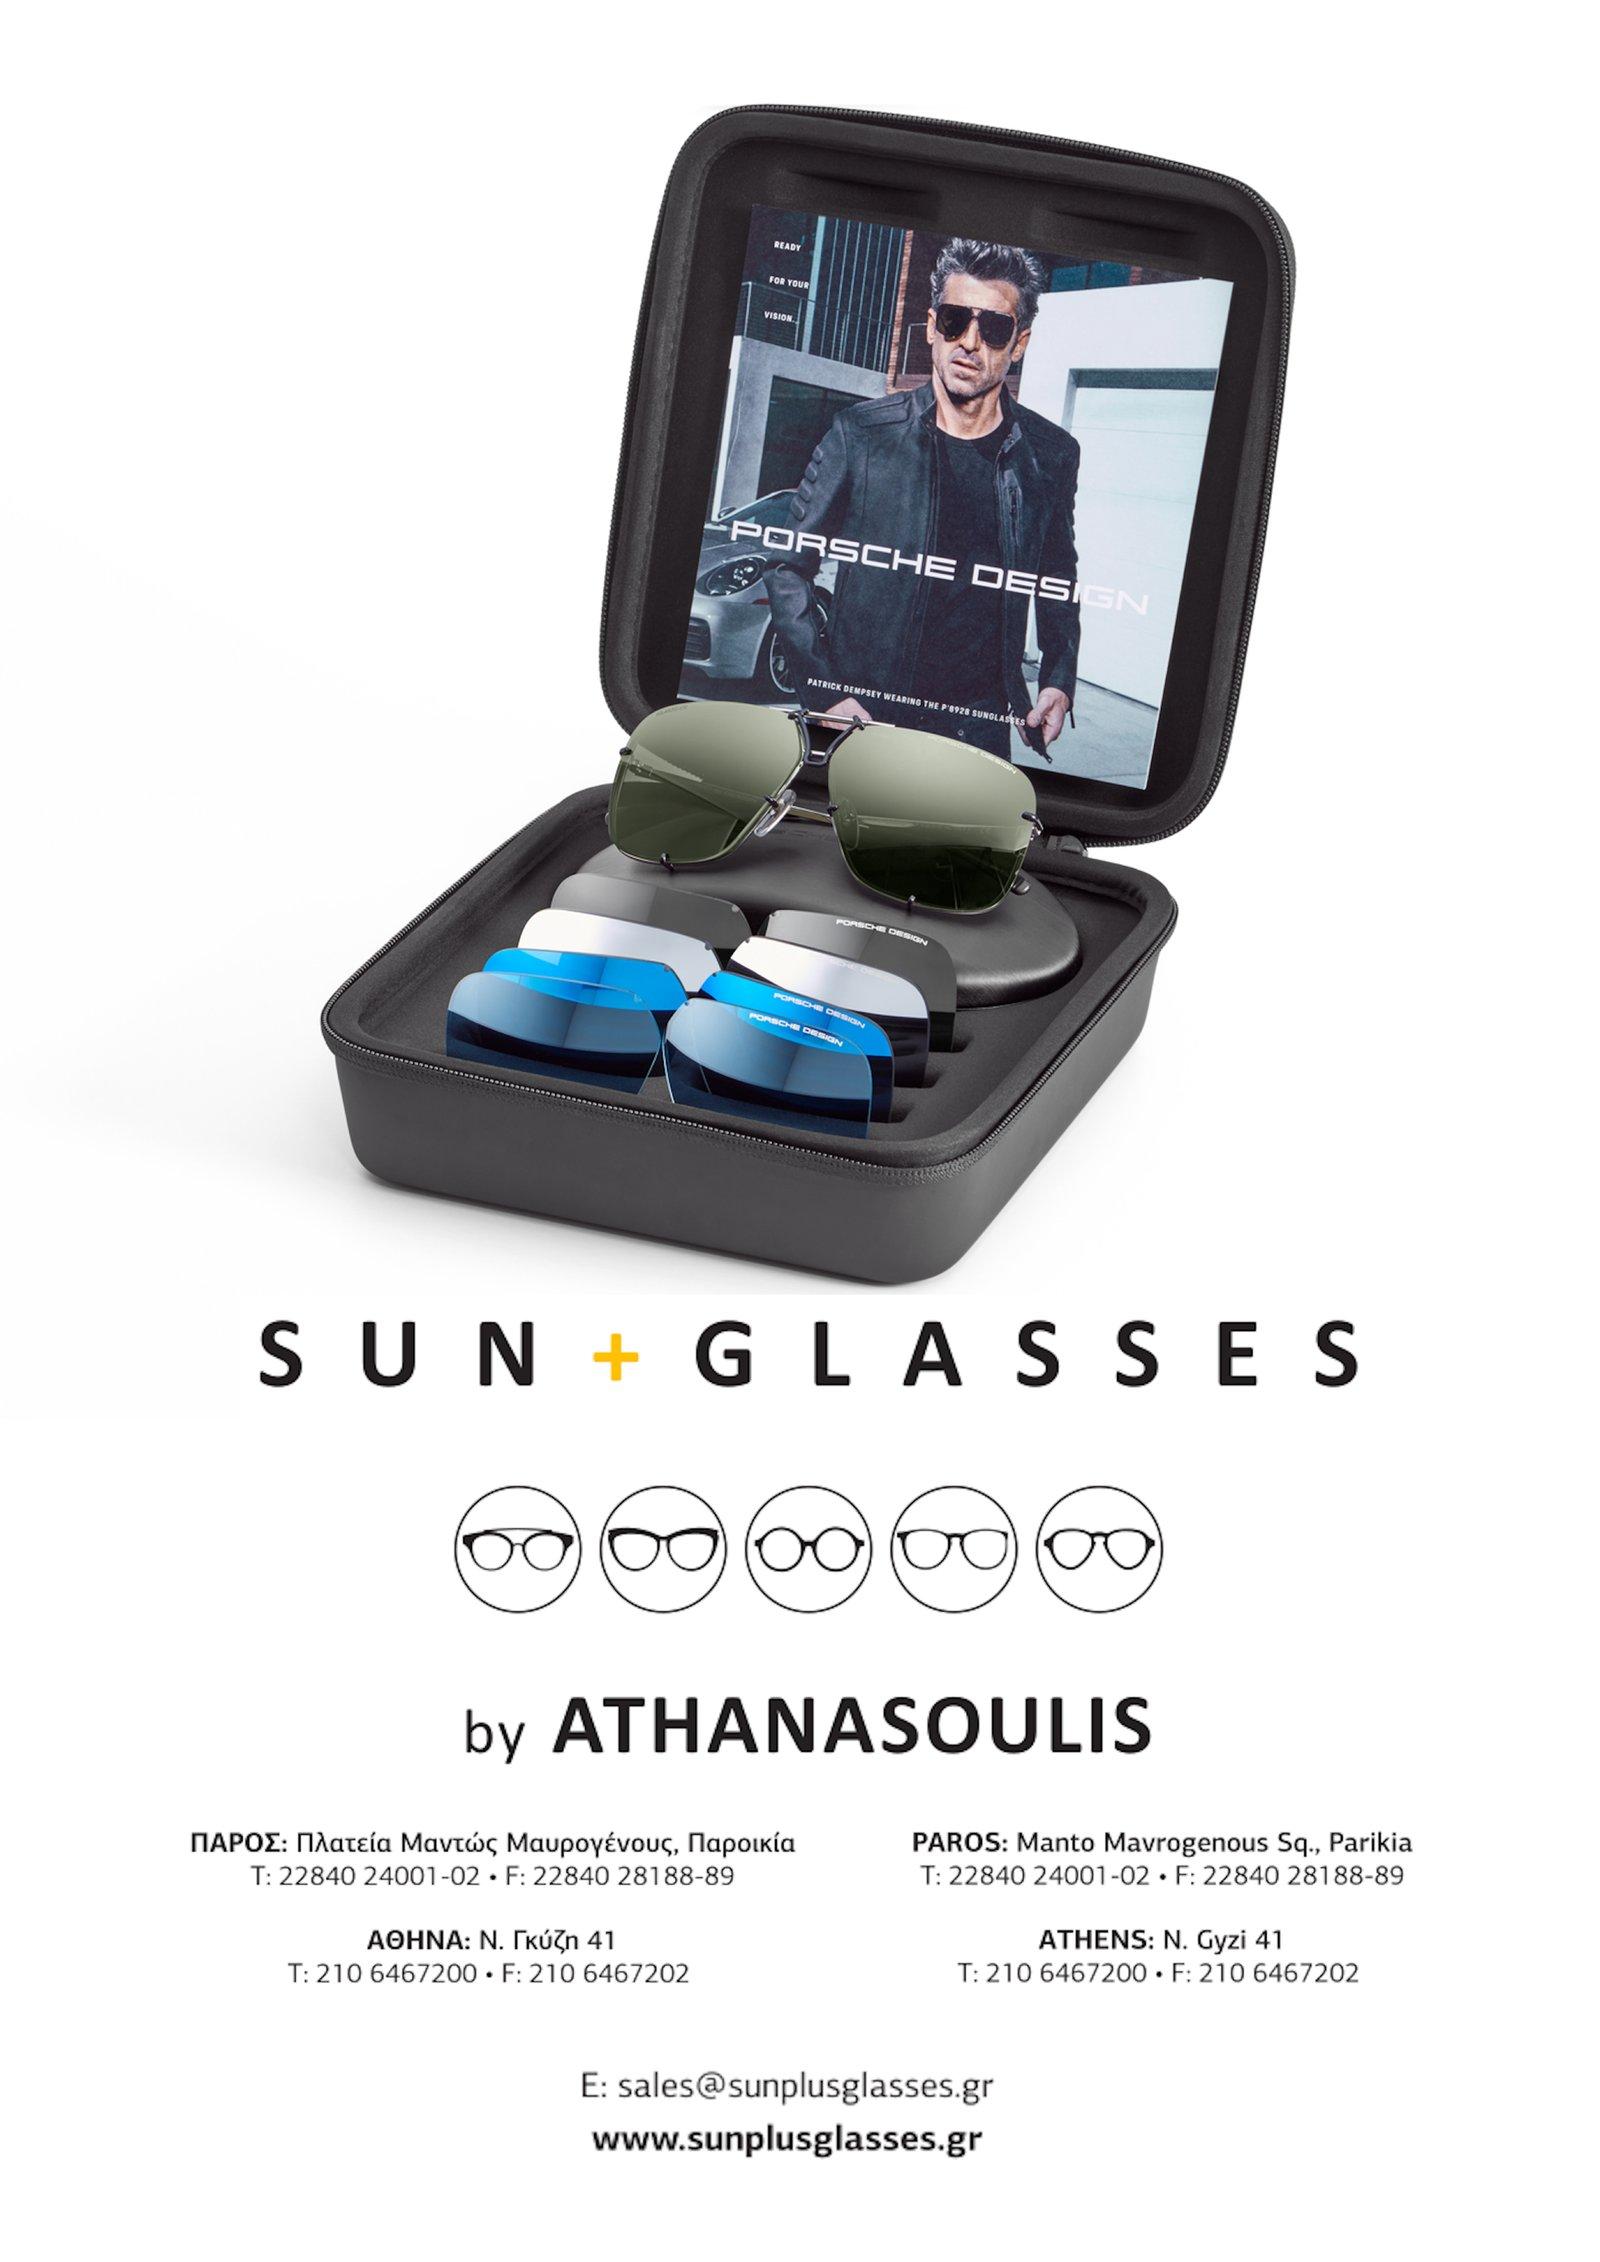 SUN + GLASSES